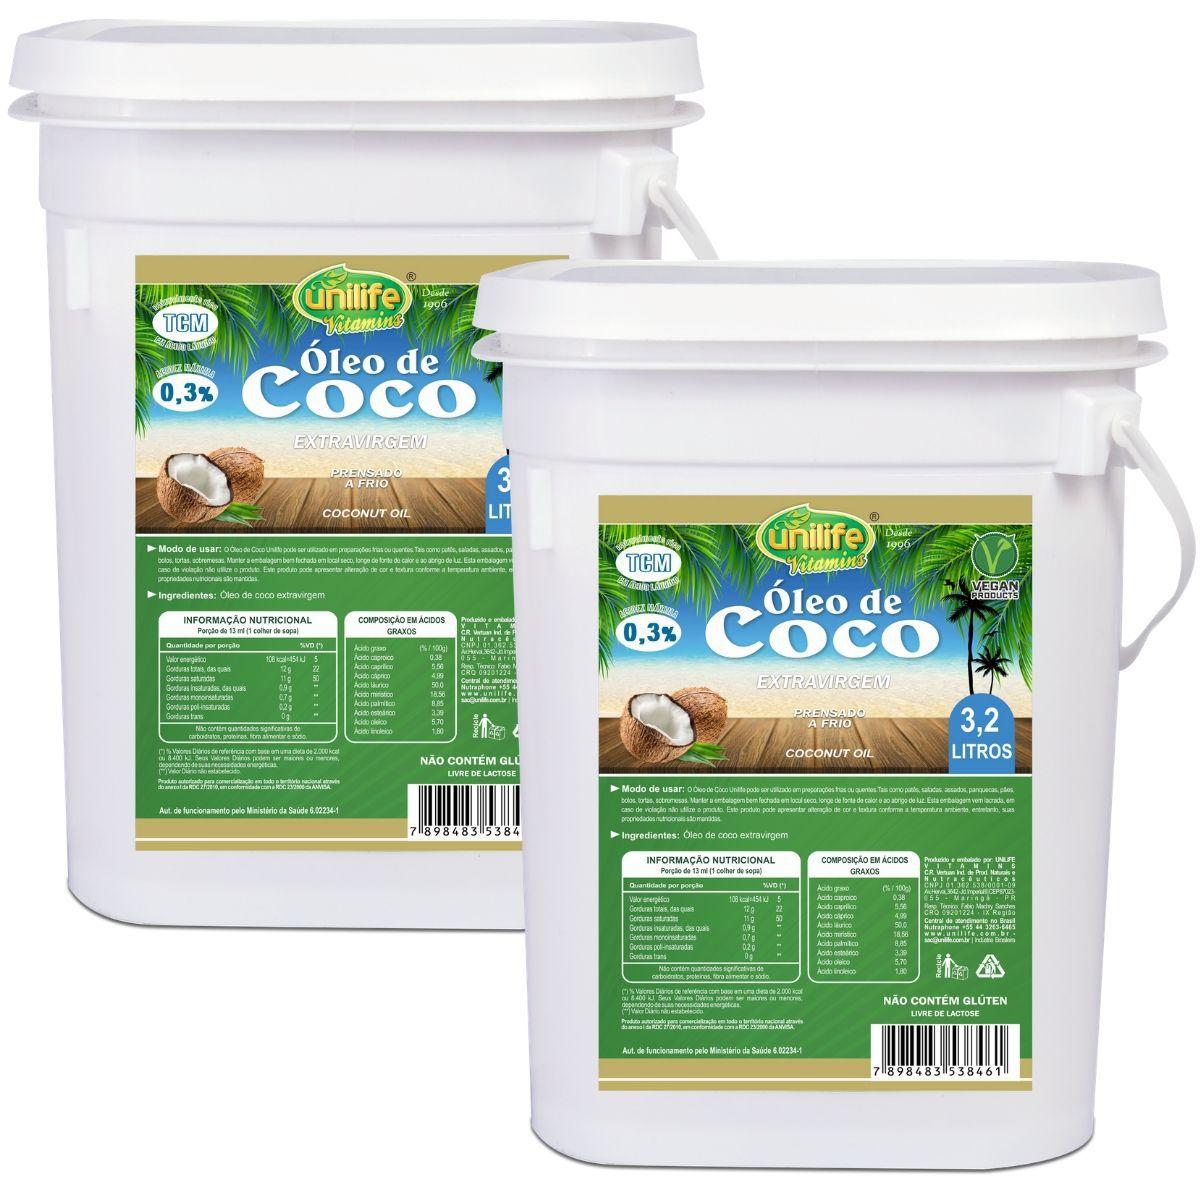 Kit 2 Óleo de Coco Extra Virgem Puro 3,2 Litros 100% Natural - Unilife